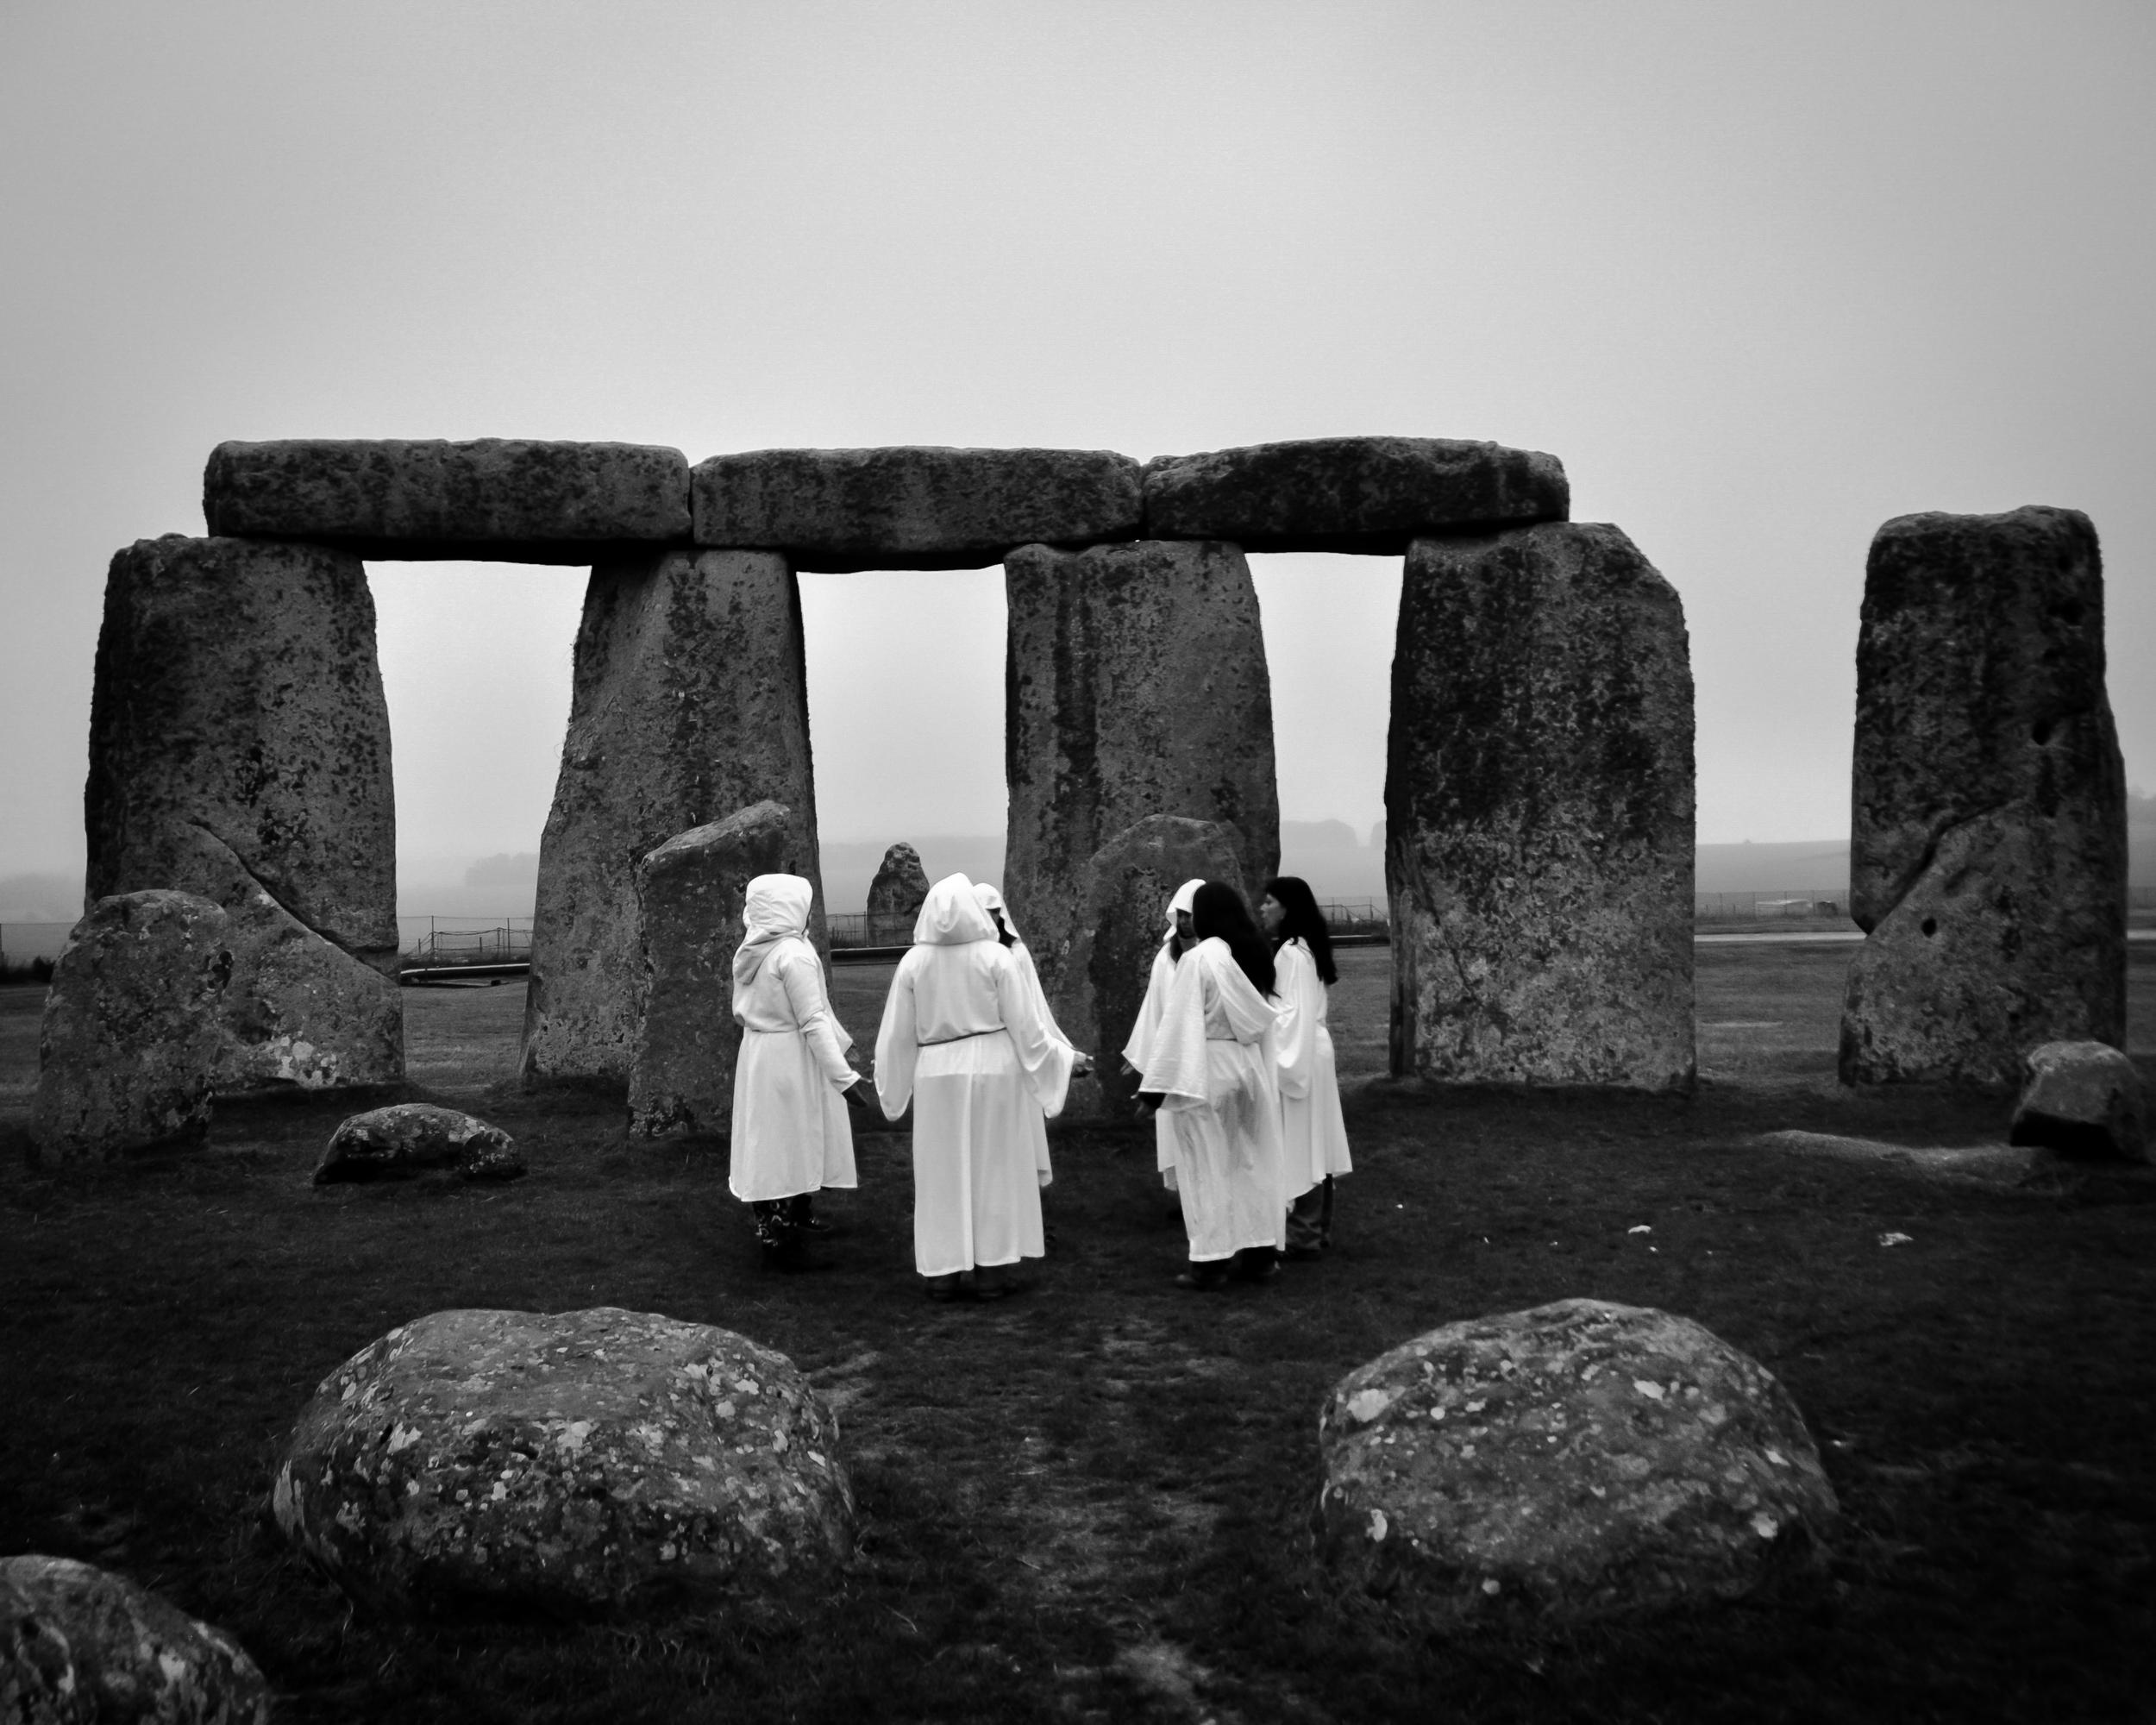 Druids - Stonehenge (England)